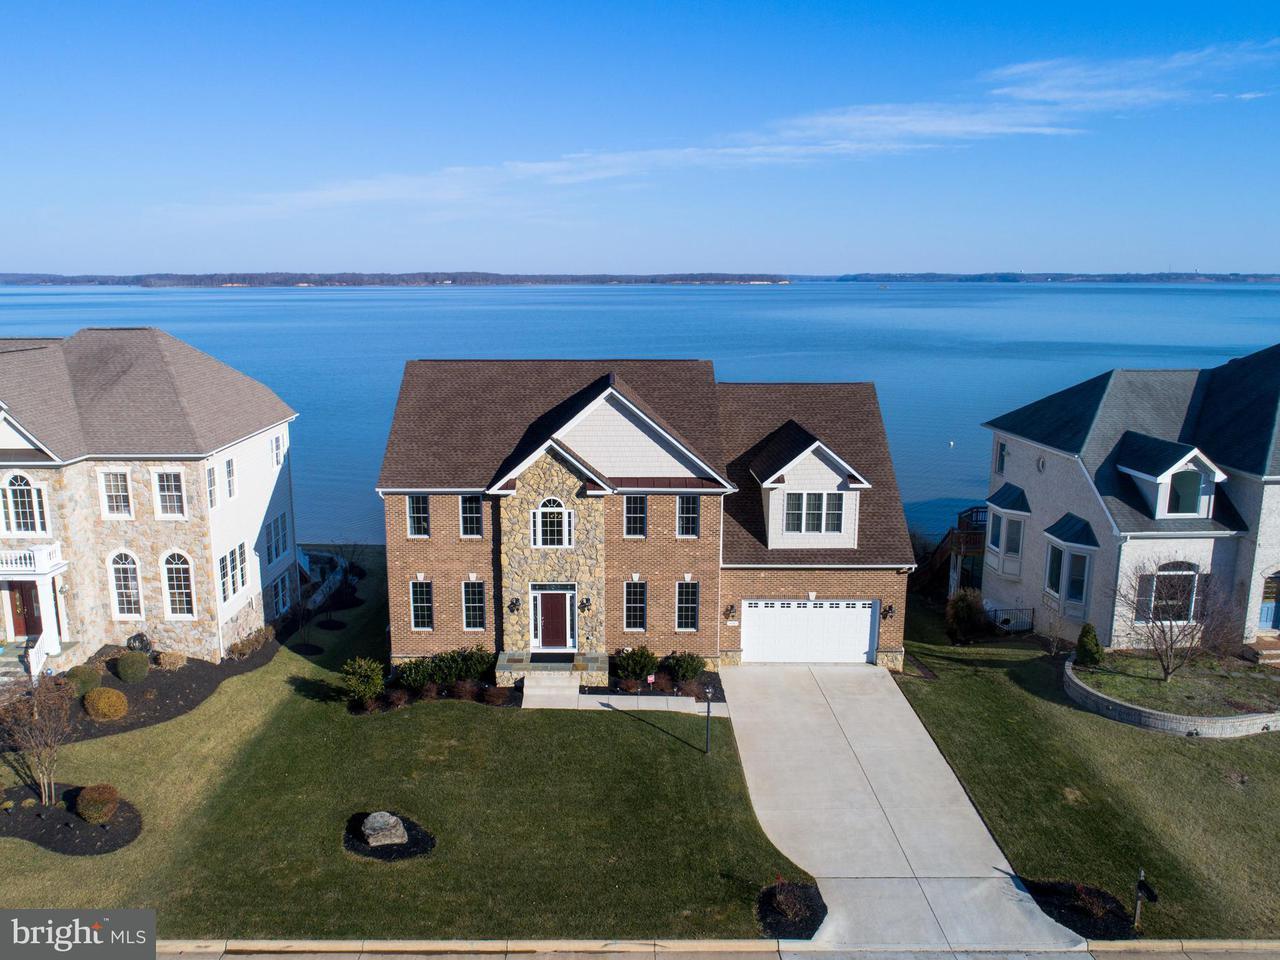 Vivienda unifamiliar por un Venta en 14981 Boaters Cove Place 14981 Boaters Cove Place Woodbridge, Virginia 22191 Estados Unidos